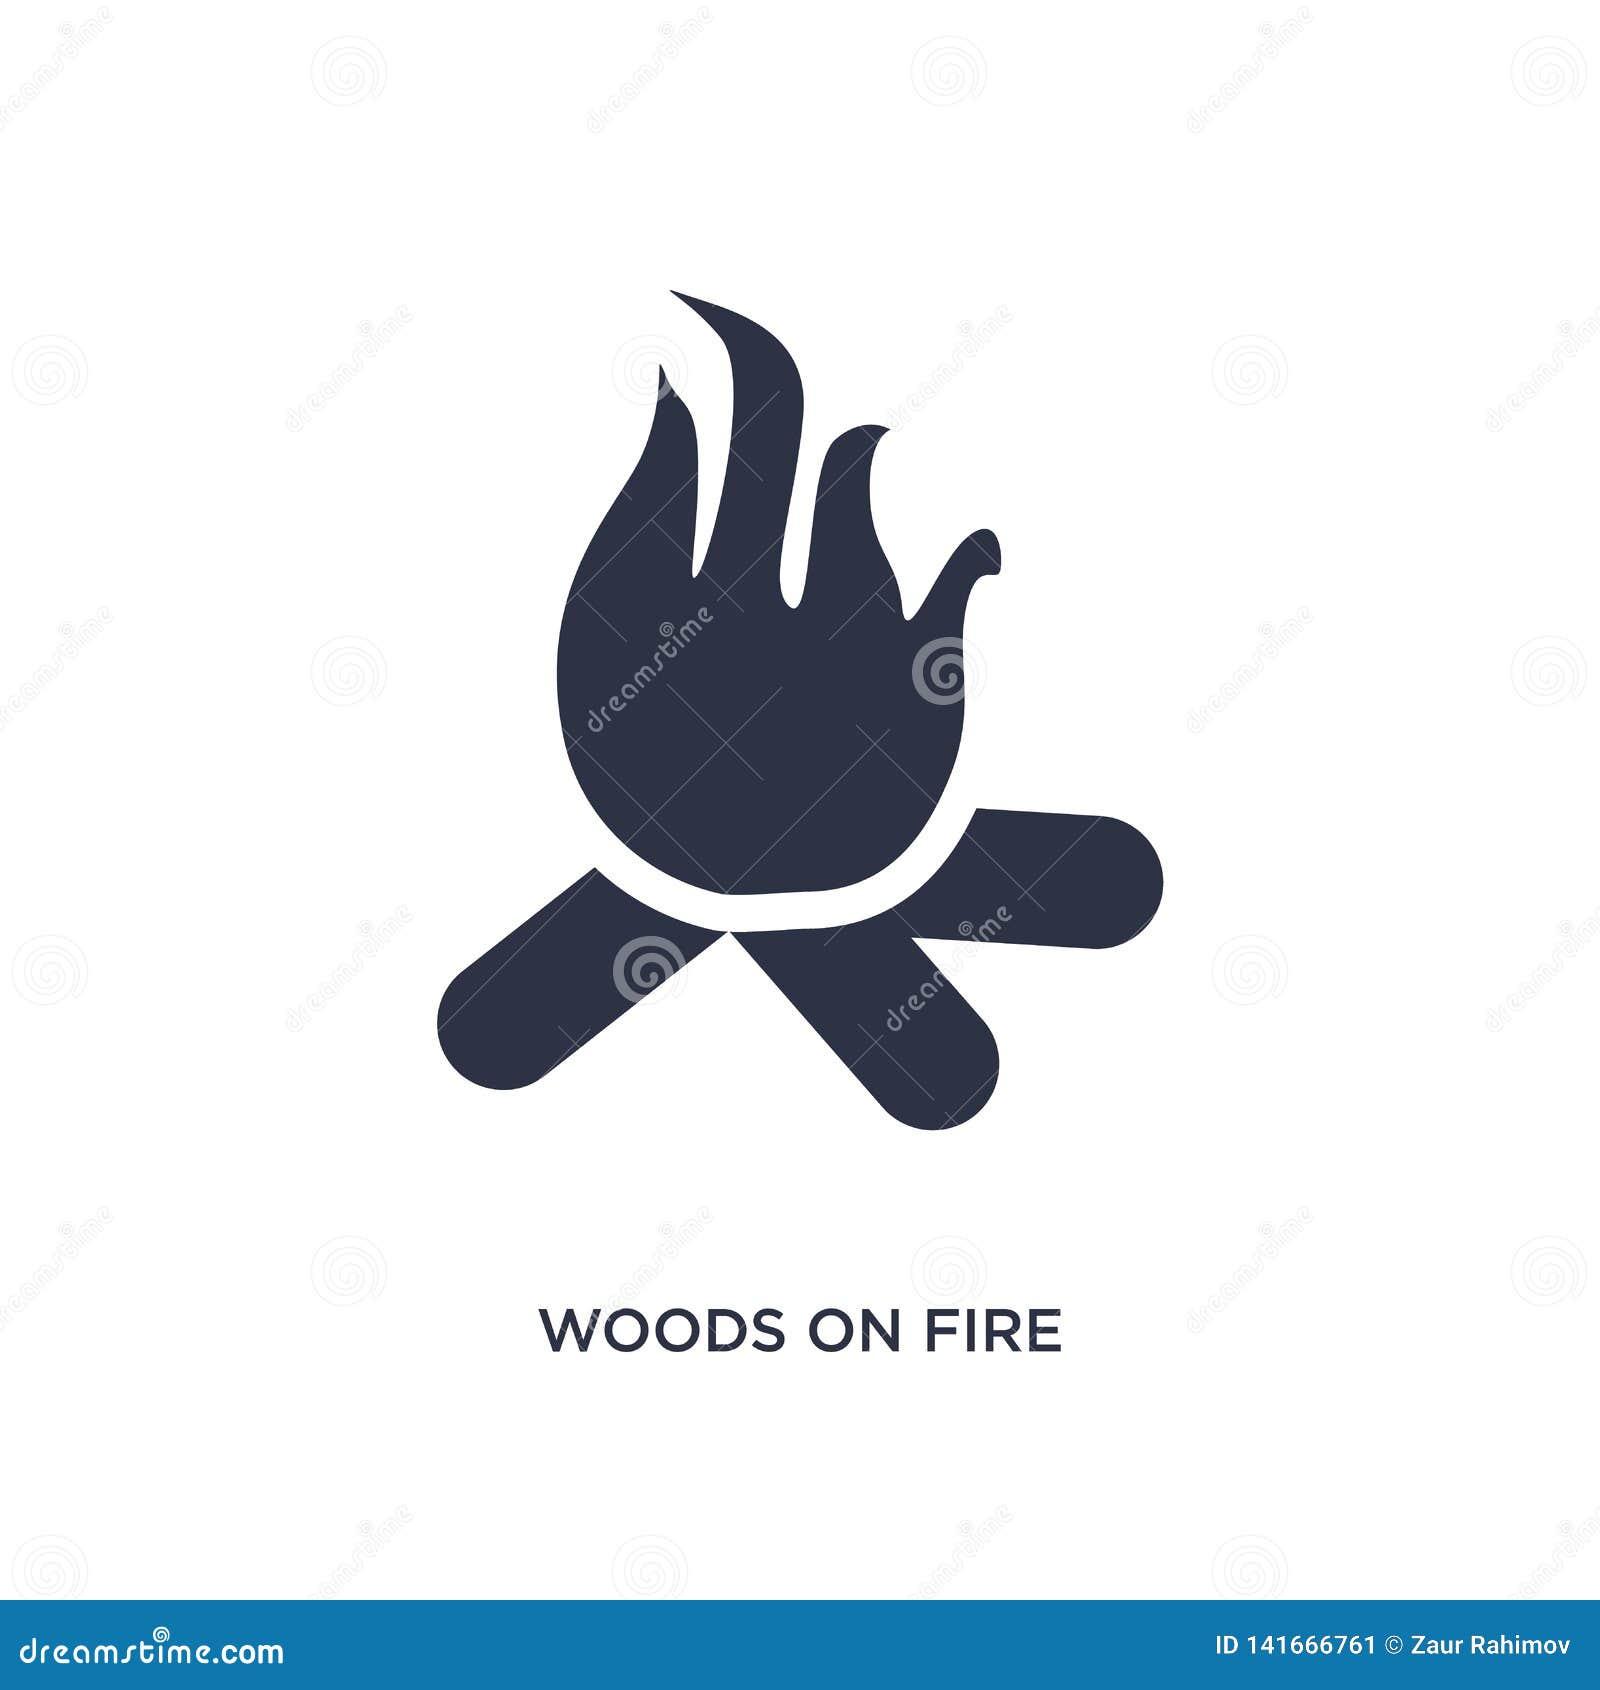 ξύλα στο εικονίδιο πυρκαγιάς στο άσπρο υπόβαθρο Απλή απεικόνιση στοιχείων από την έννοια μετεωρολογίας